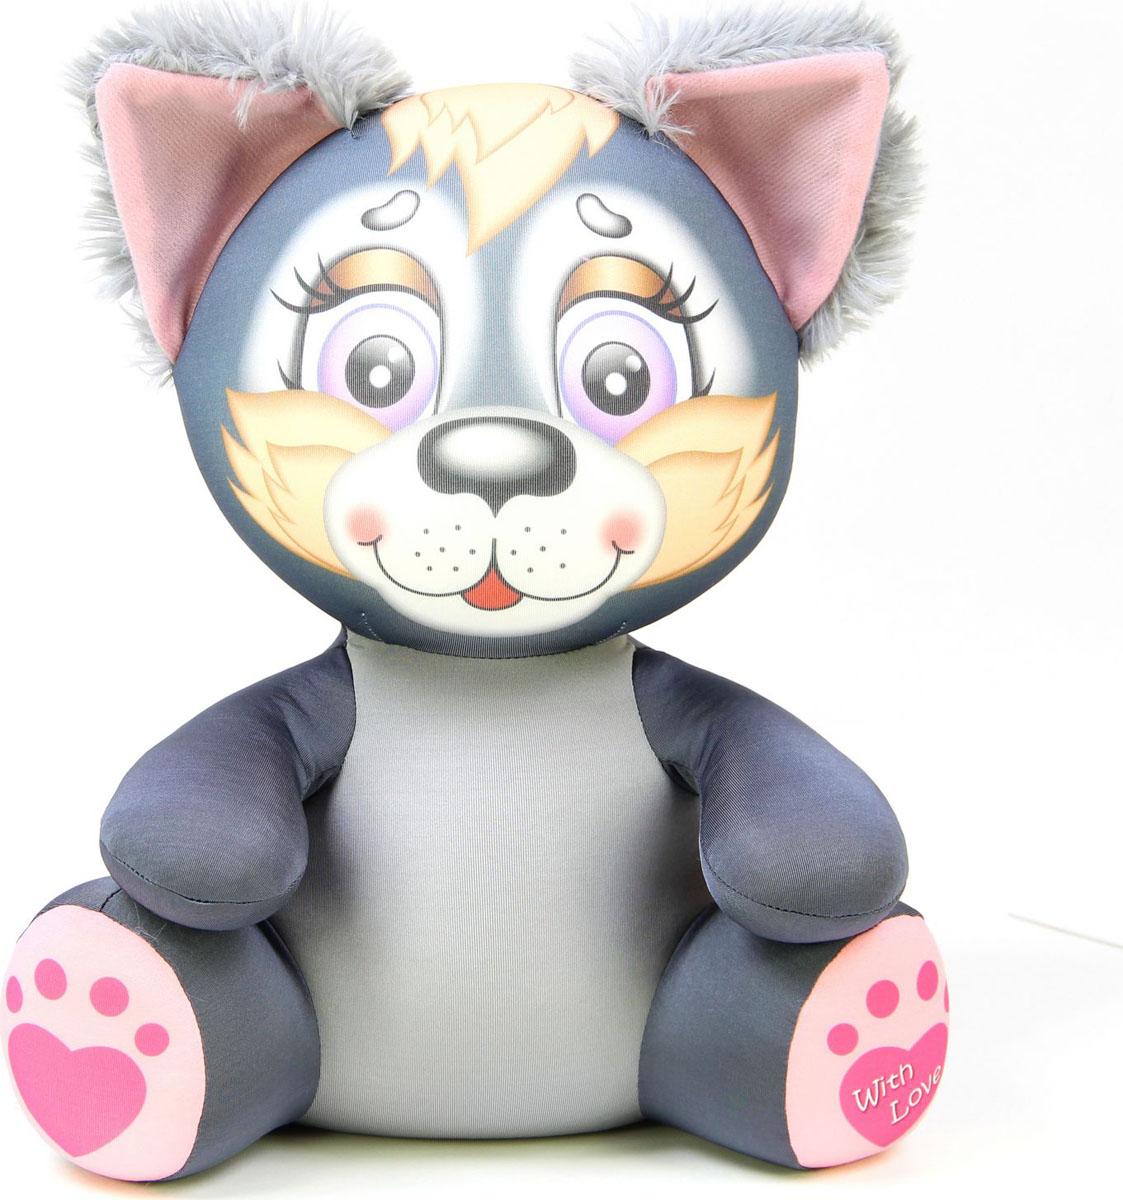 Подушка-игрушка Штучки, к которым тянутся ручки антистрессовая Лапуши. Волк, серый